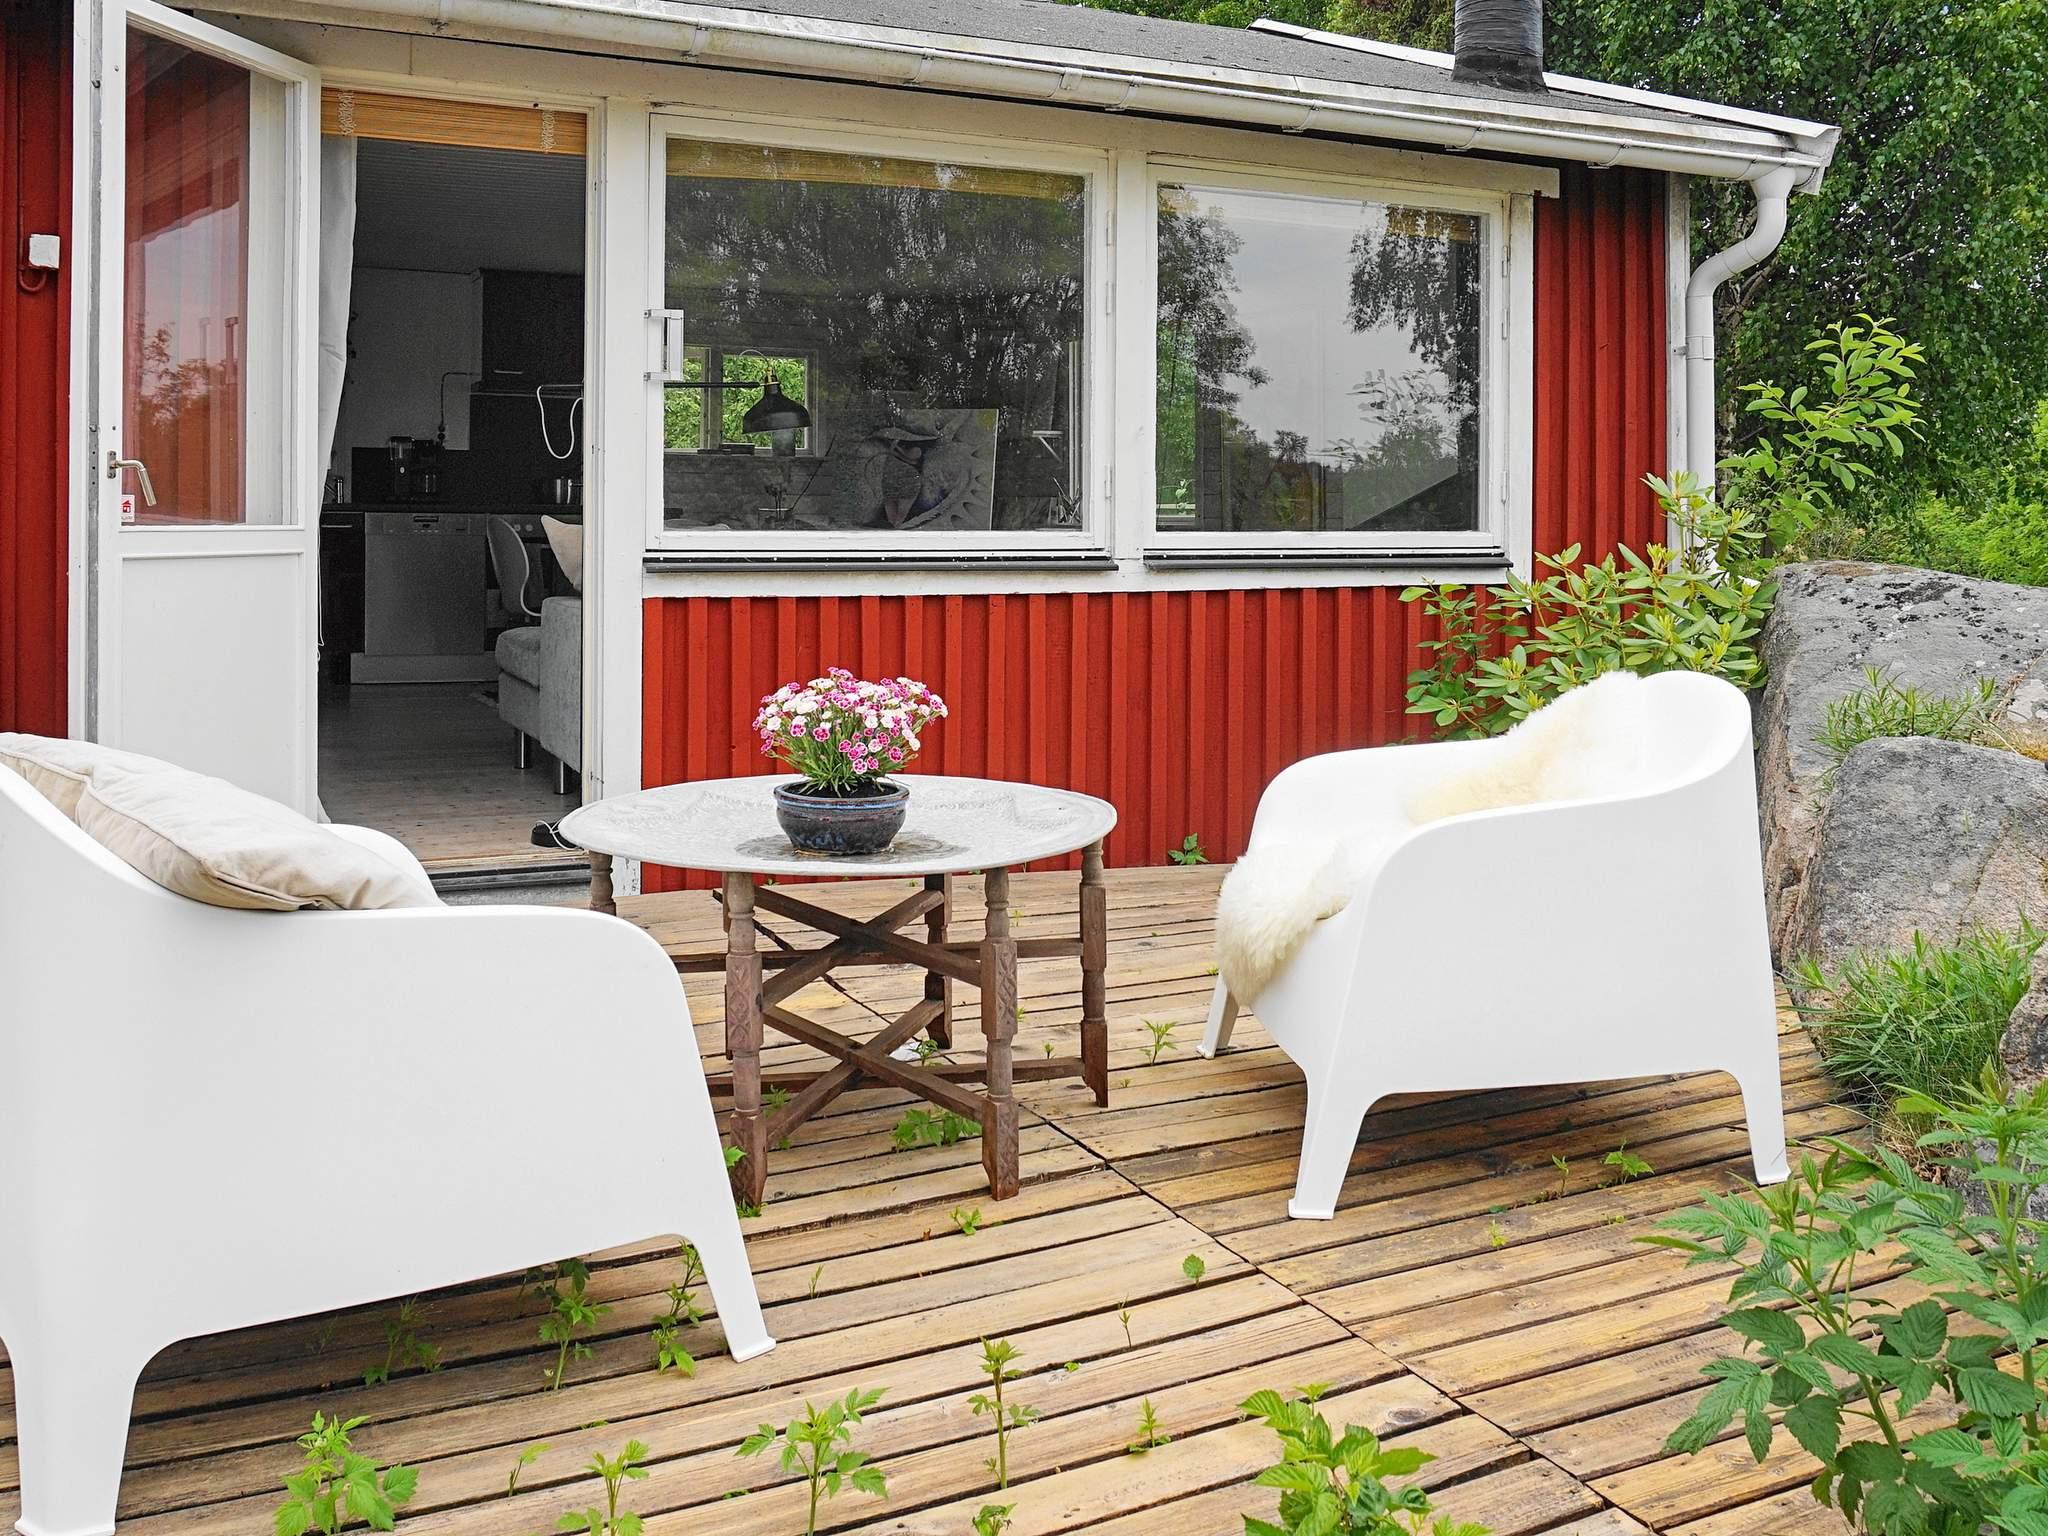 Ferienhaus Tjörn/Höviksnäs (2432182), Höviksnäs, Tjörn, Westschweden, Schweden, Bild 16